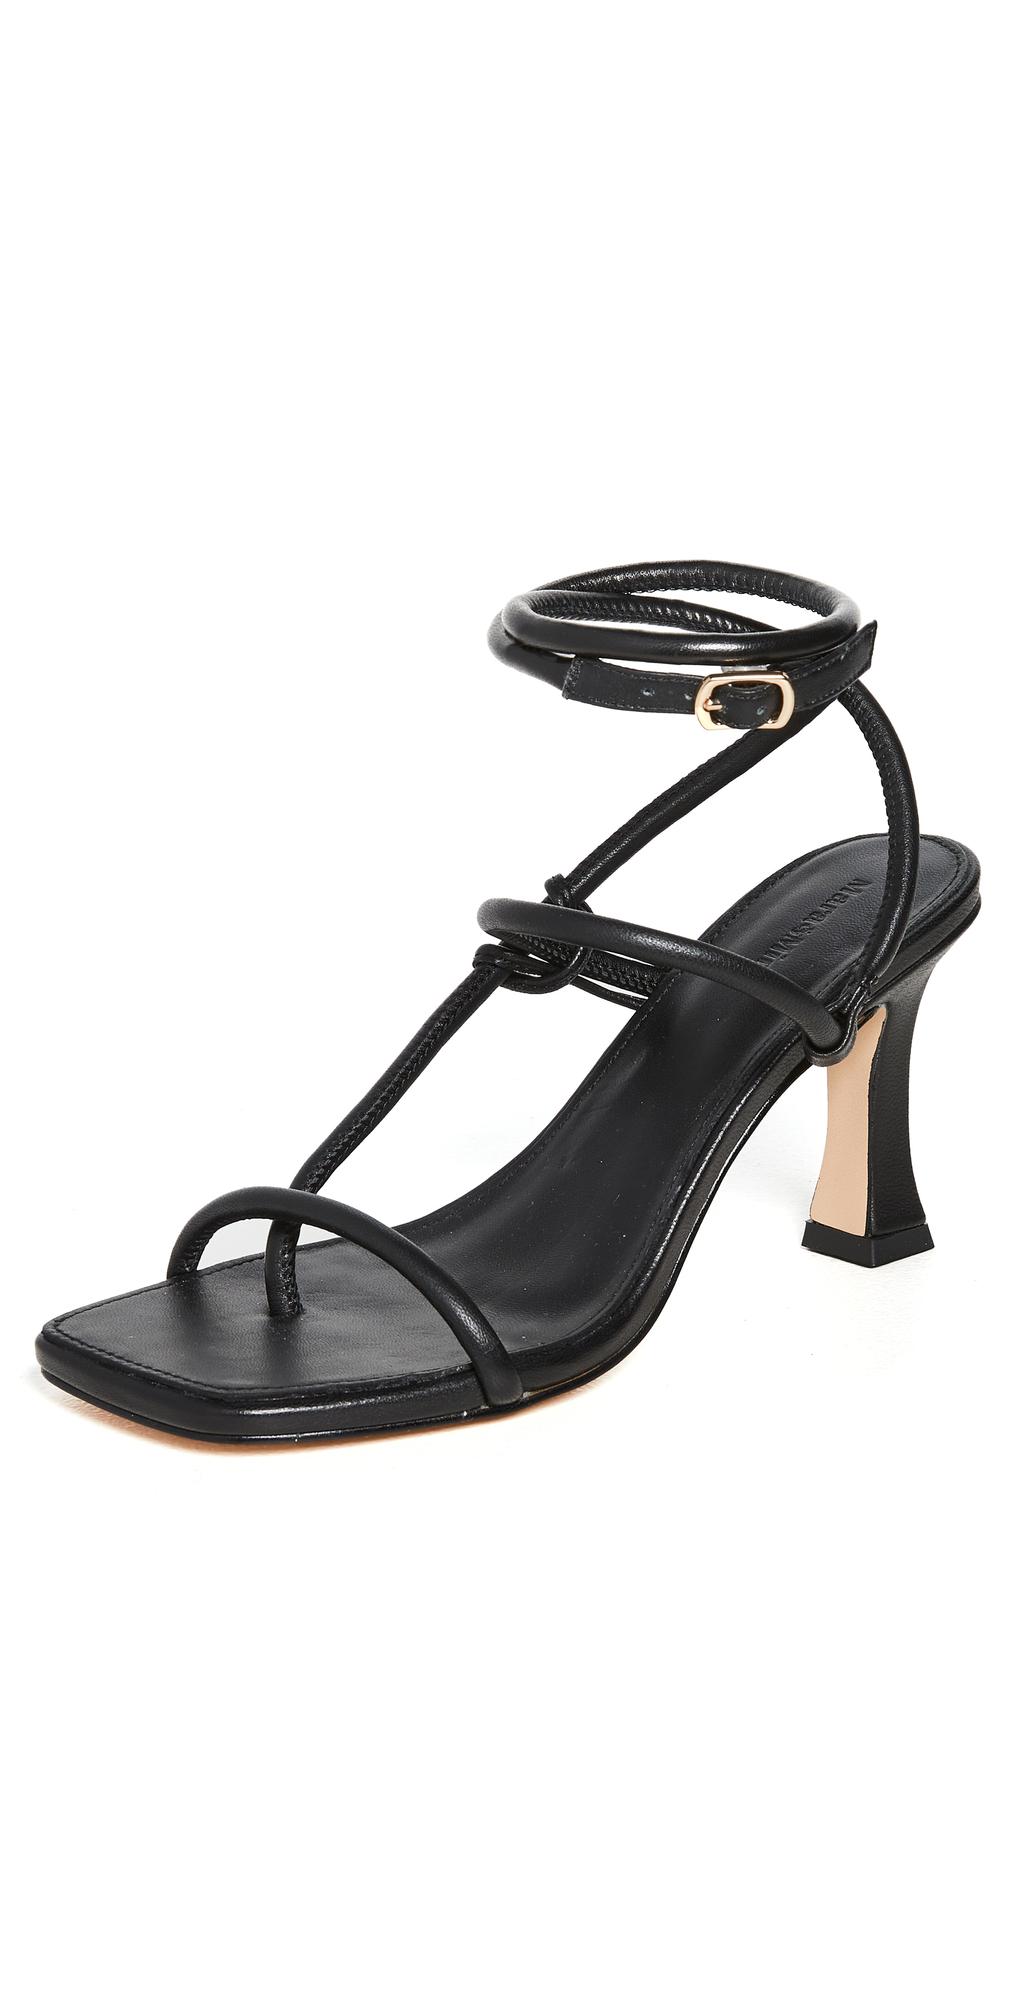 Savannah Heels